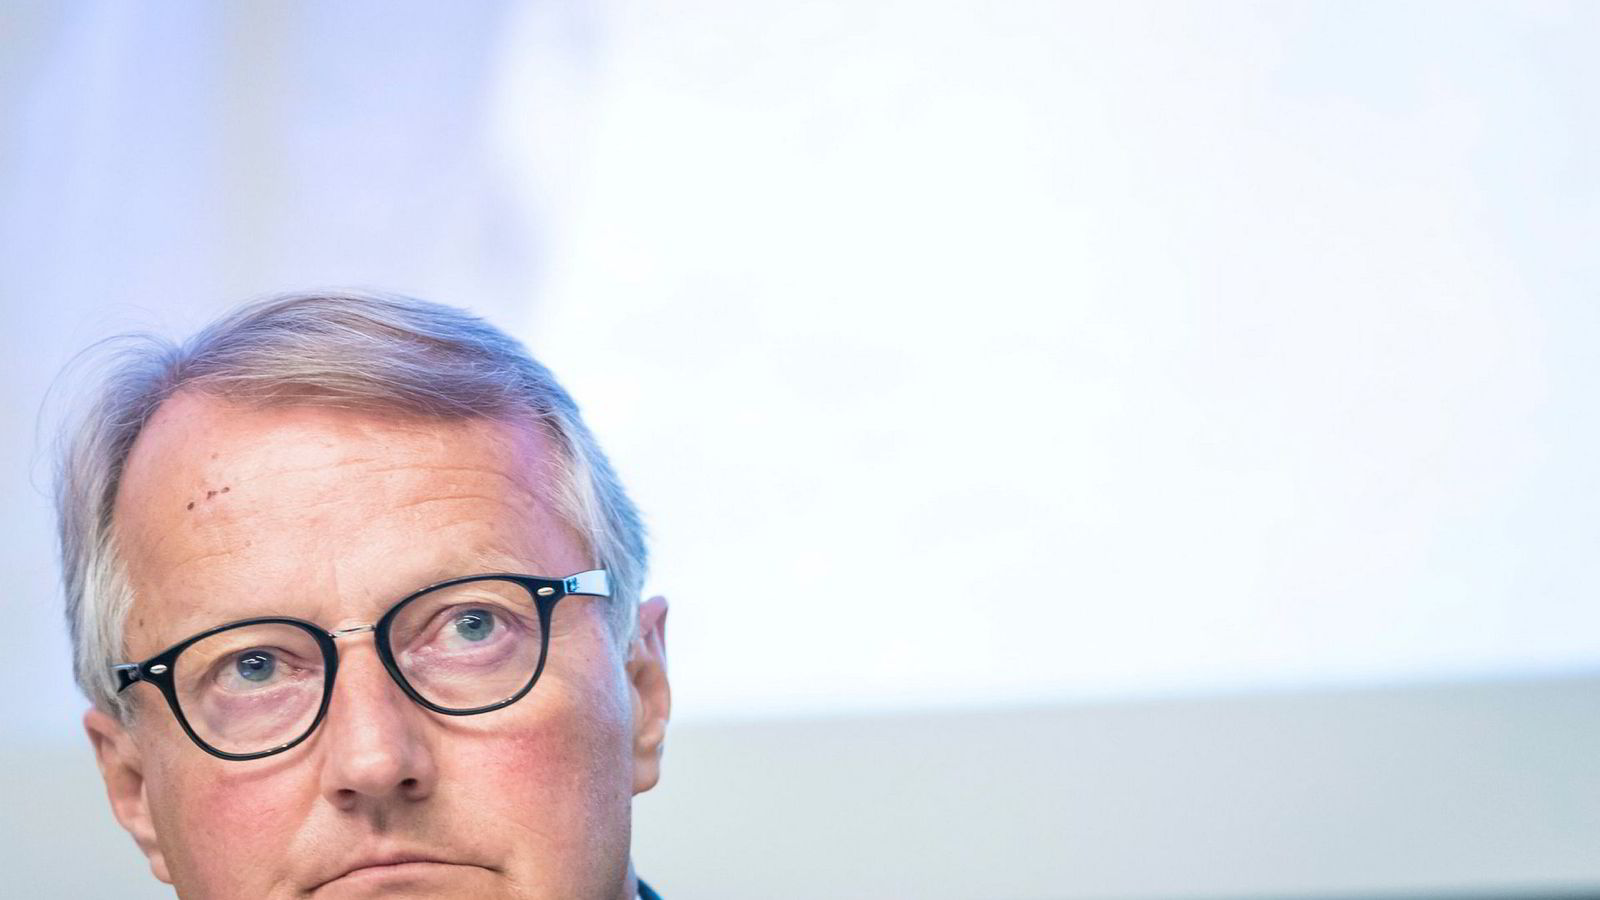 Konsernsjef Rune Bjerke erkjenner at DNB ikke har lykkes med å oppnå en god nok kjønnsbalanse i DNB Markets, landets største meglerhus.